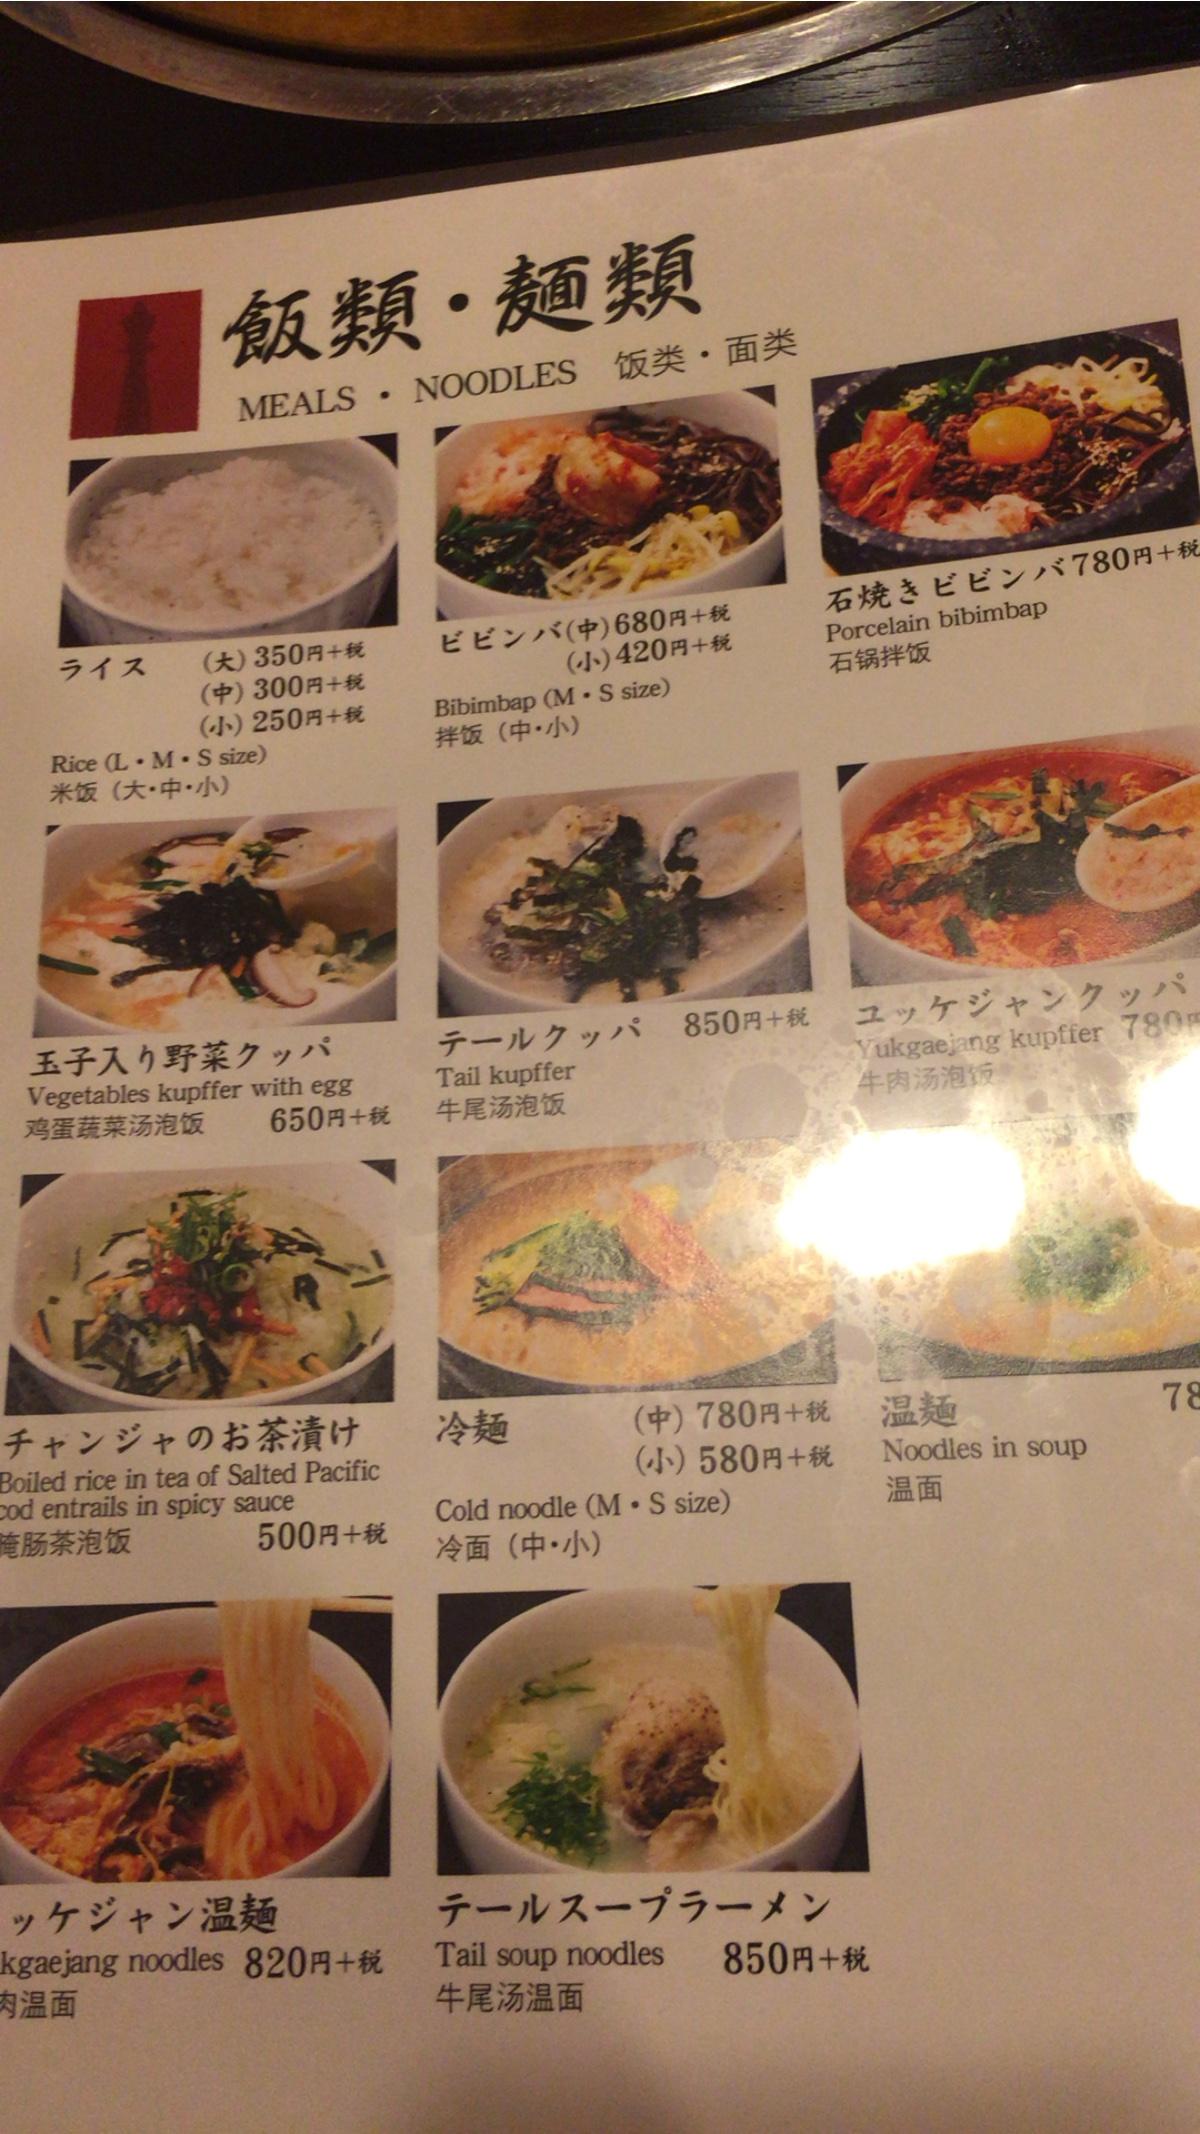 大阪新世界通天閣付近の焼肉屋【味斗】メニュー麺飯類